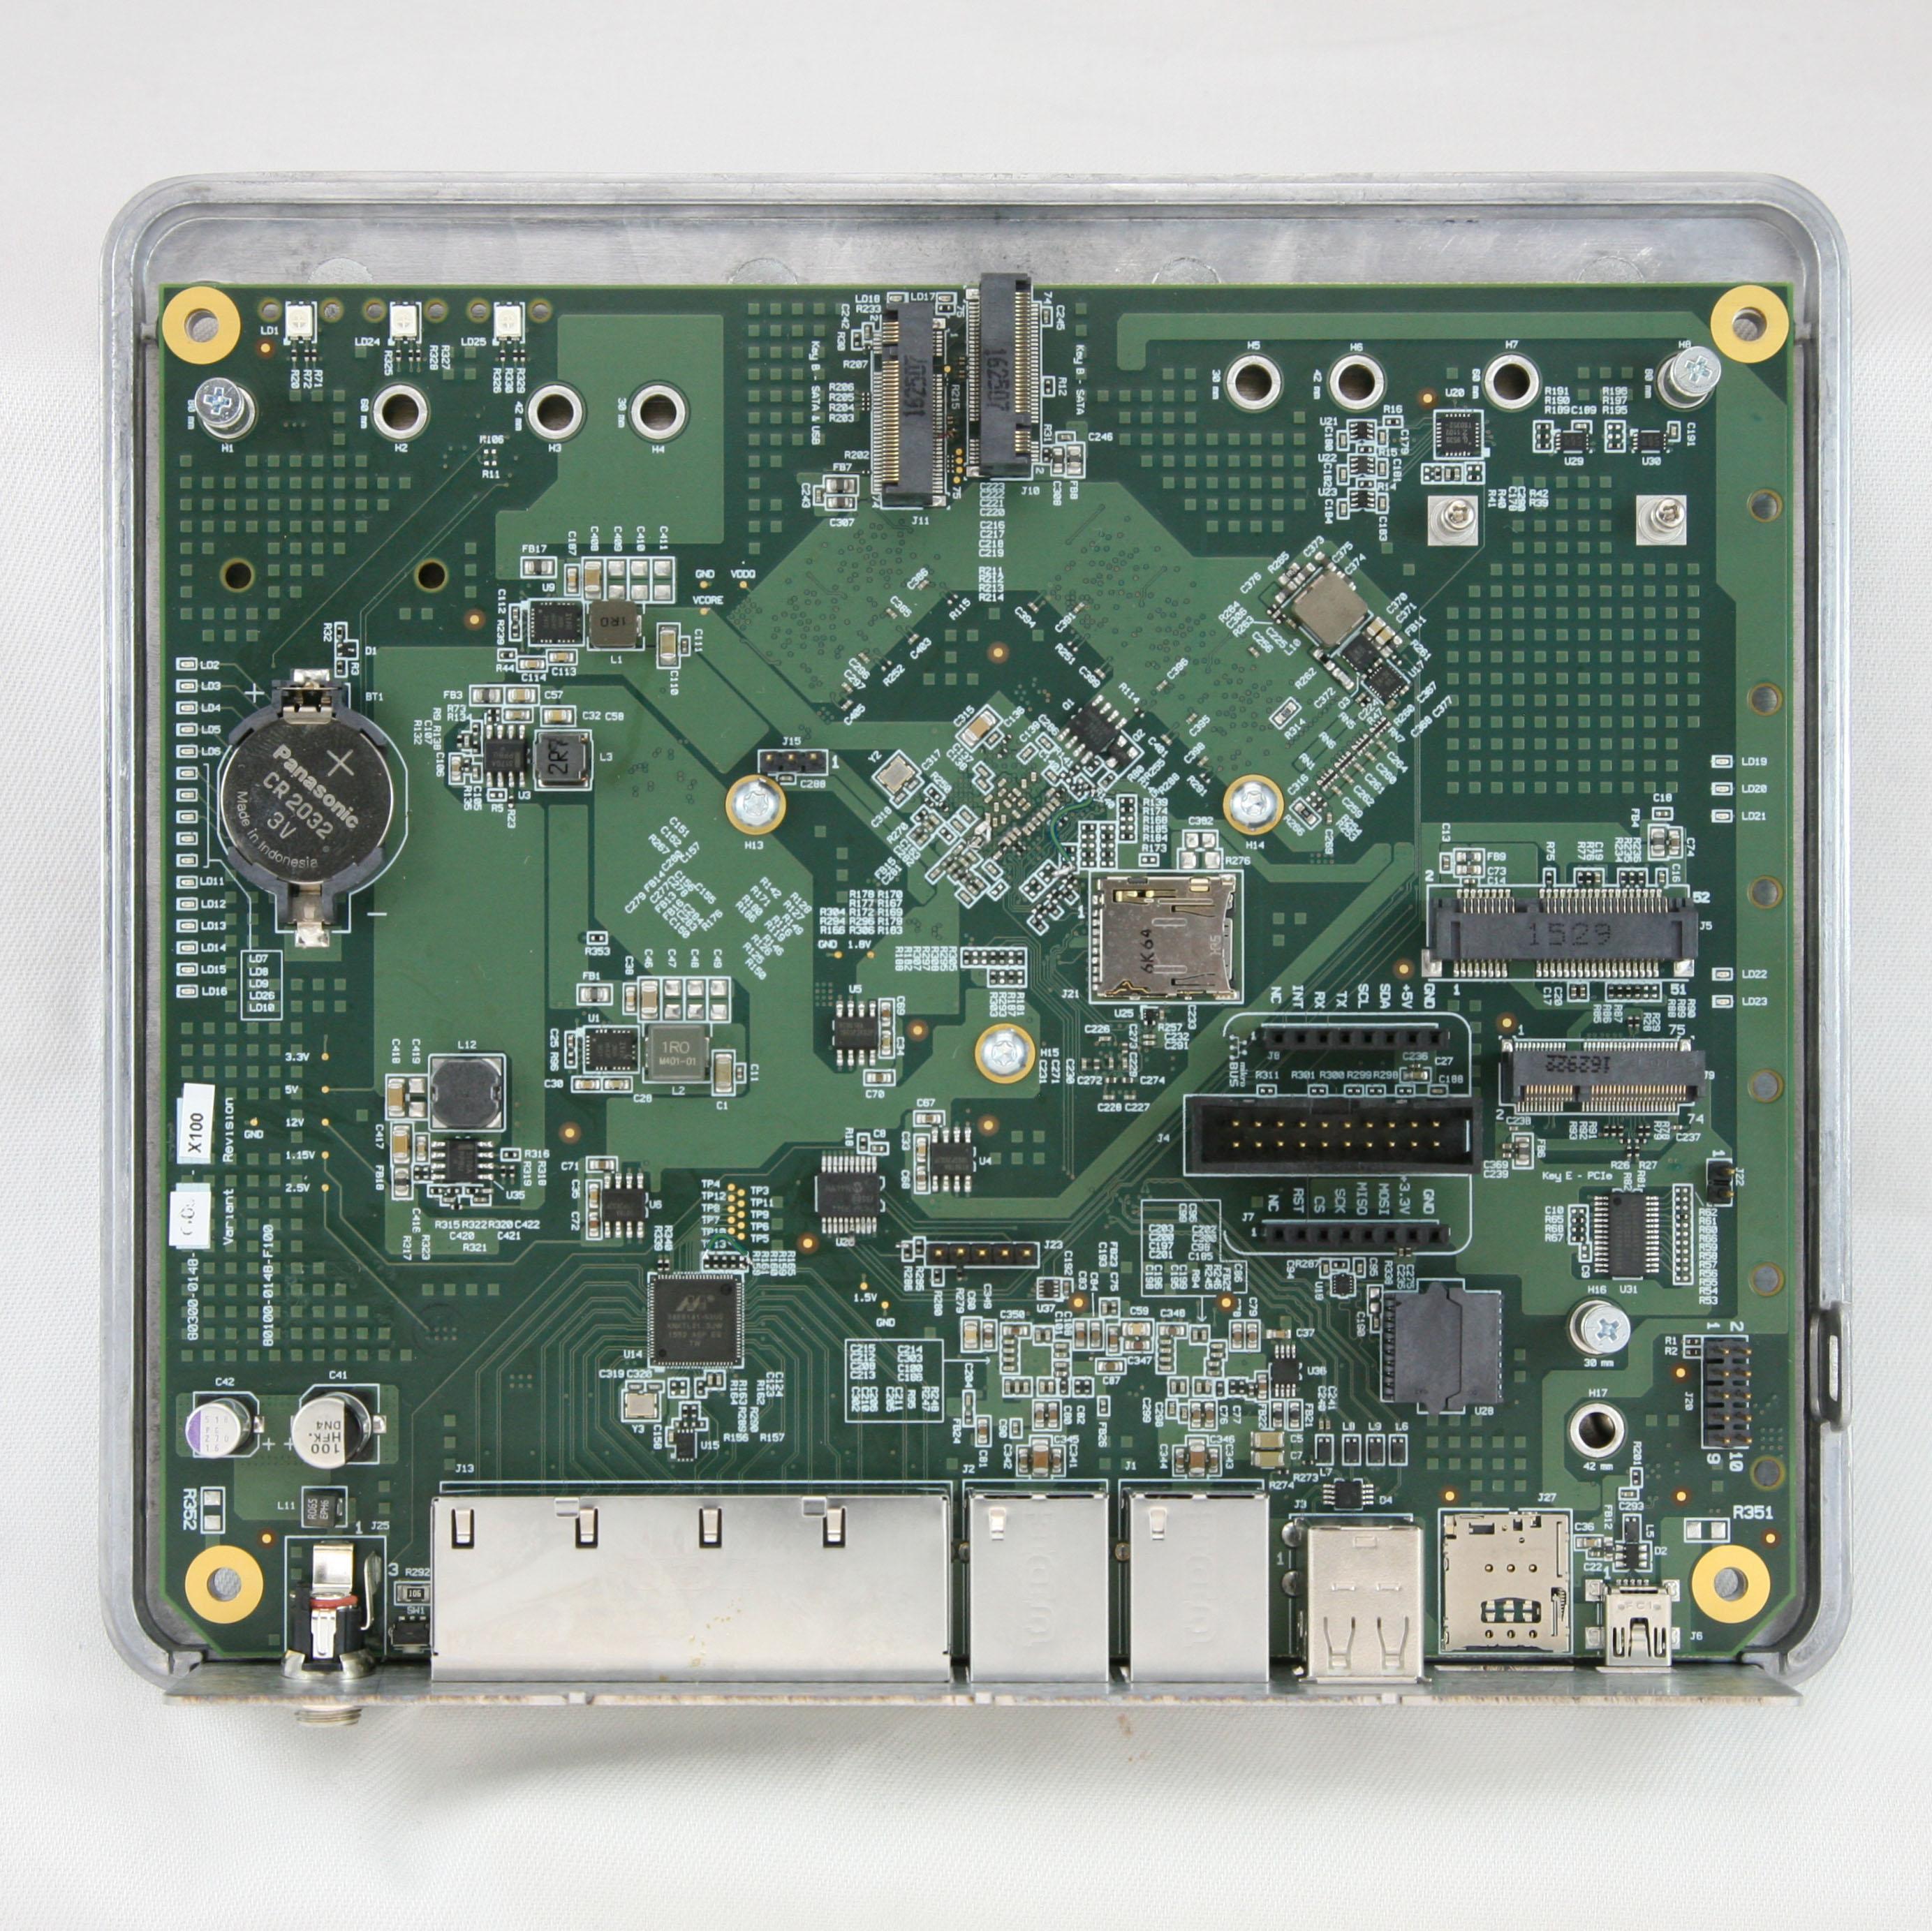 R1 Proto board